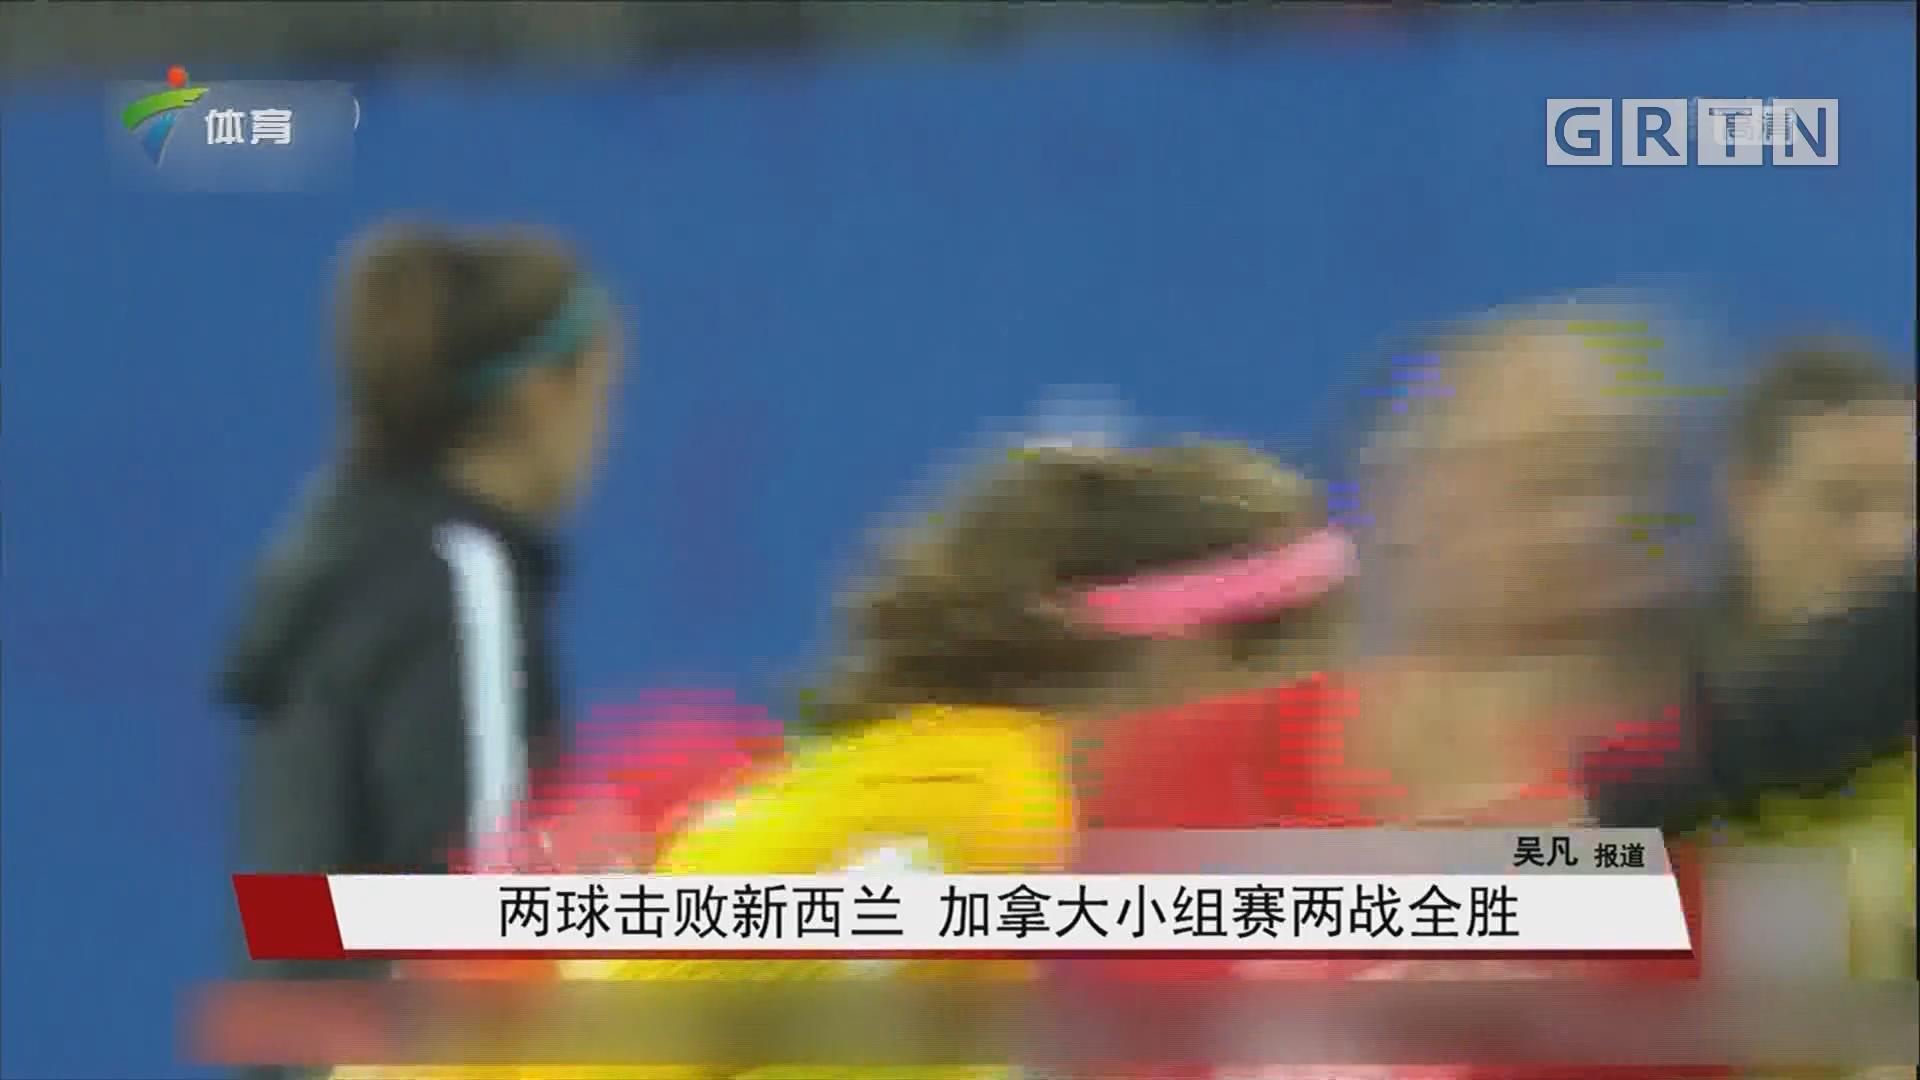 两球击败新西兰 加拿大小组赛两战全胜